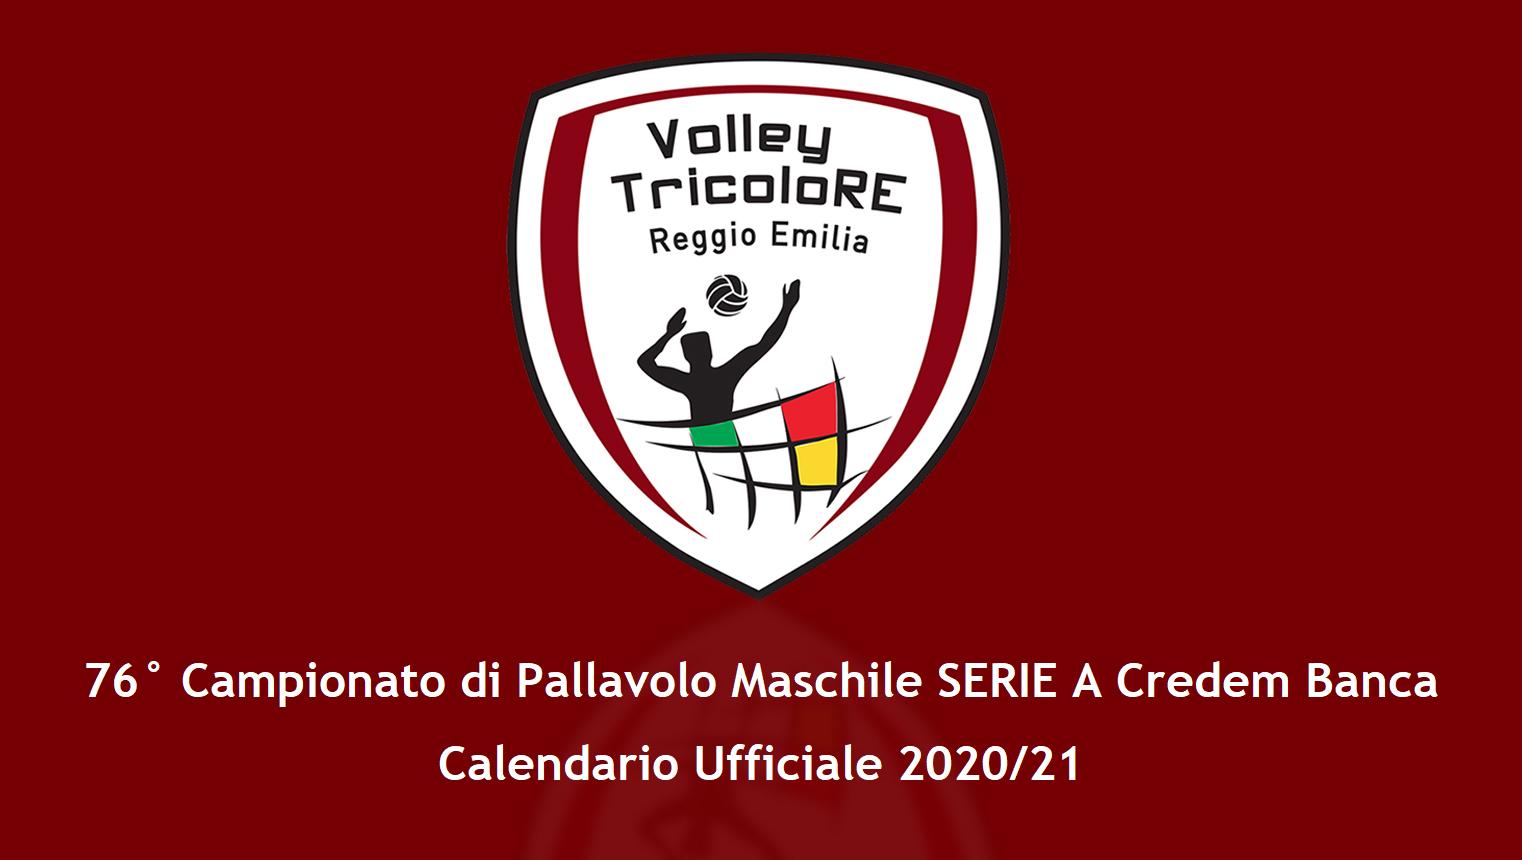 Calendario stagione 2020/21 serie A2 Credem banca – Volley Tricolore